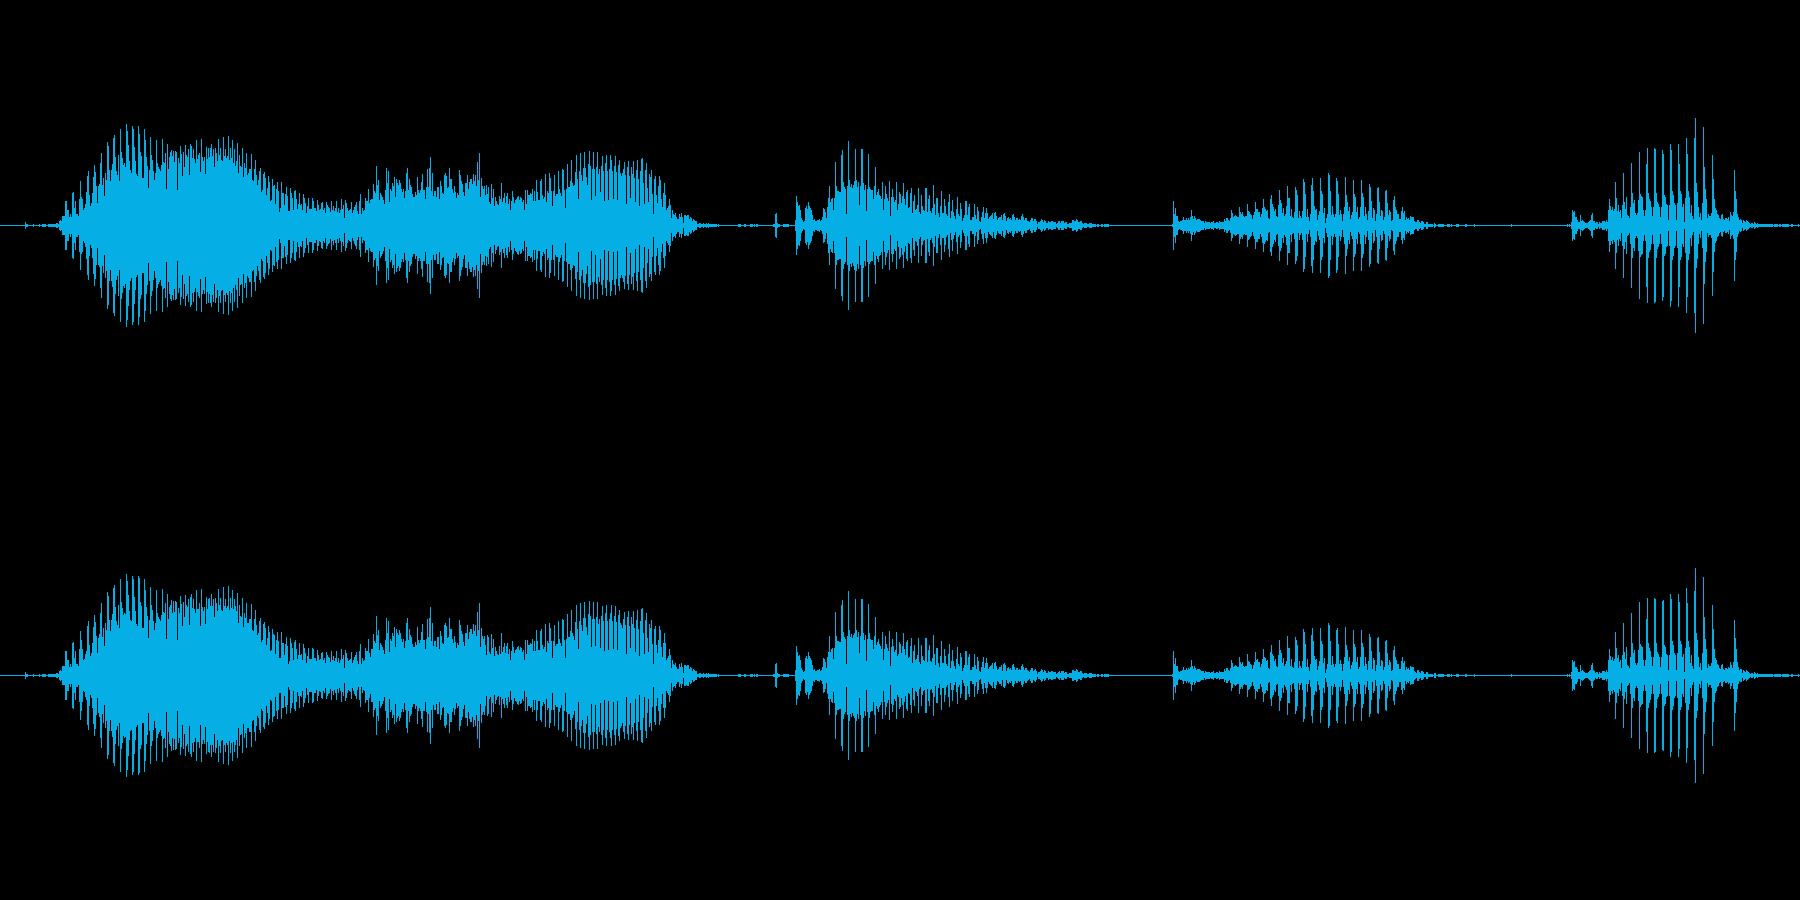 【日数・経過】4週間経過の再生済みの波形